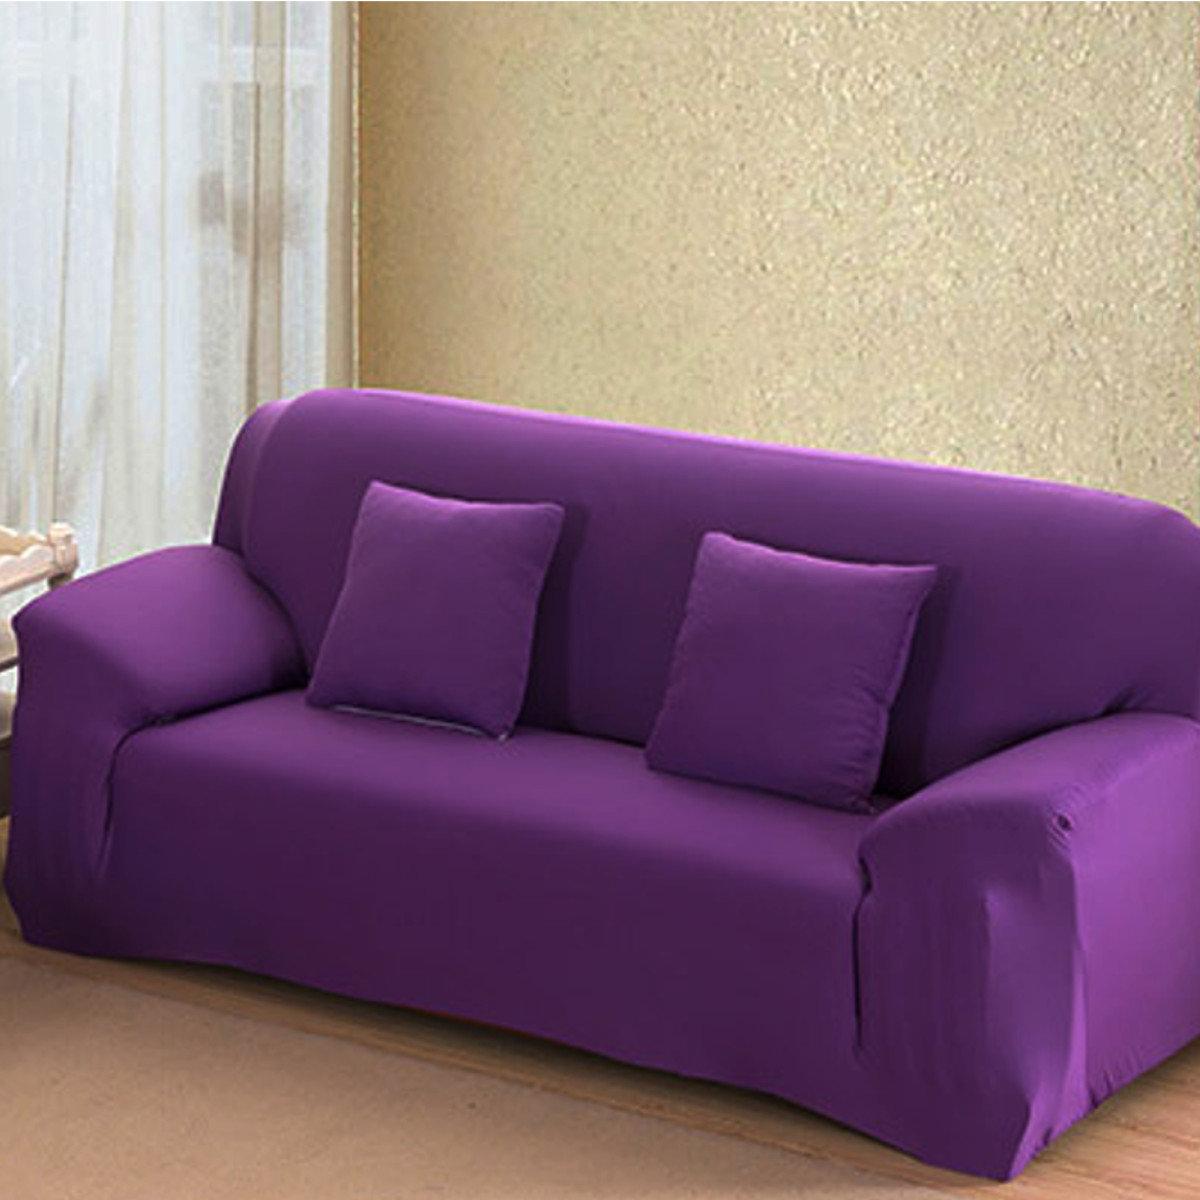 Full Size of Lila 4 Gre Stretch Fit Sofa Cover Couch Einfach Abnehmbare Esszimmer Mit Recamiere 2er Grau Reinigen Kleines Wohnzimmer Breit U Form Xxl Kissen L Sofa Sofa Lila